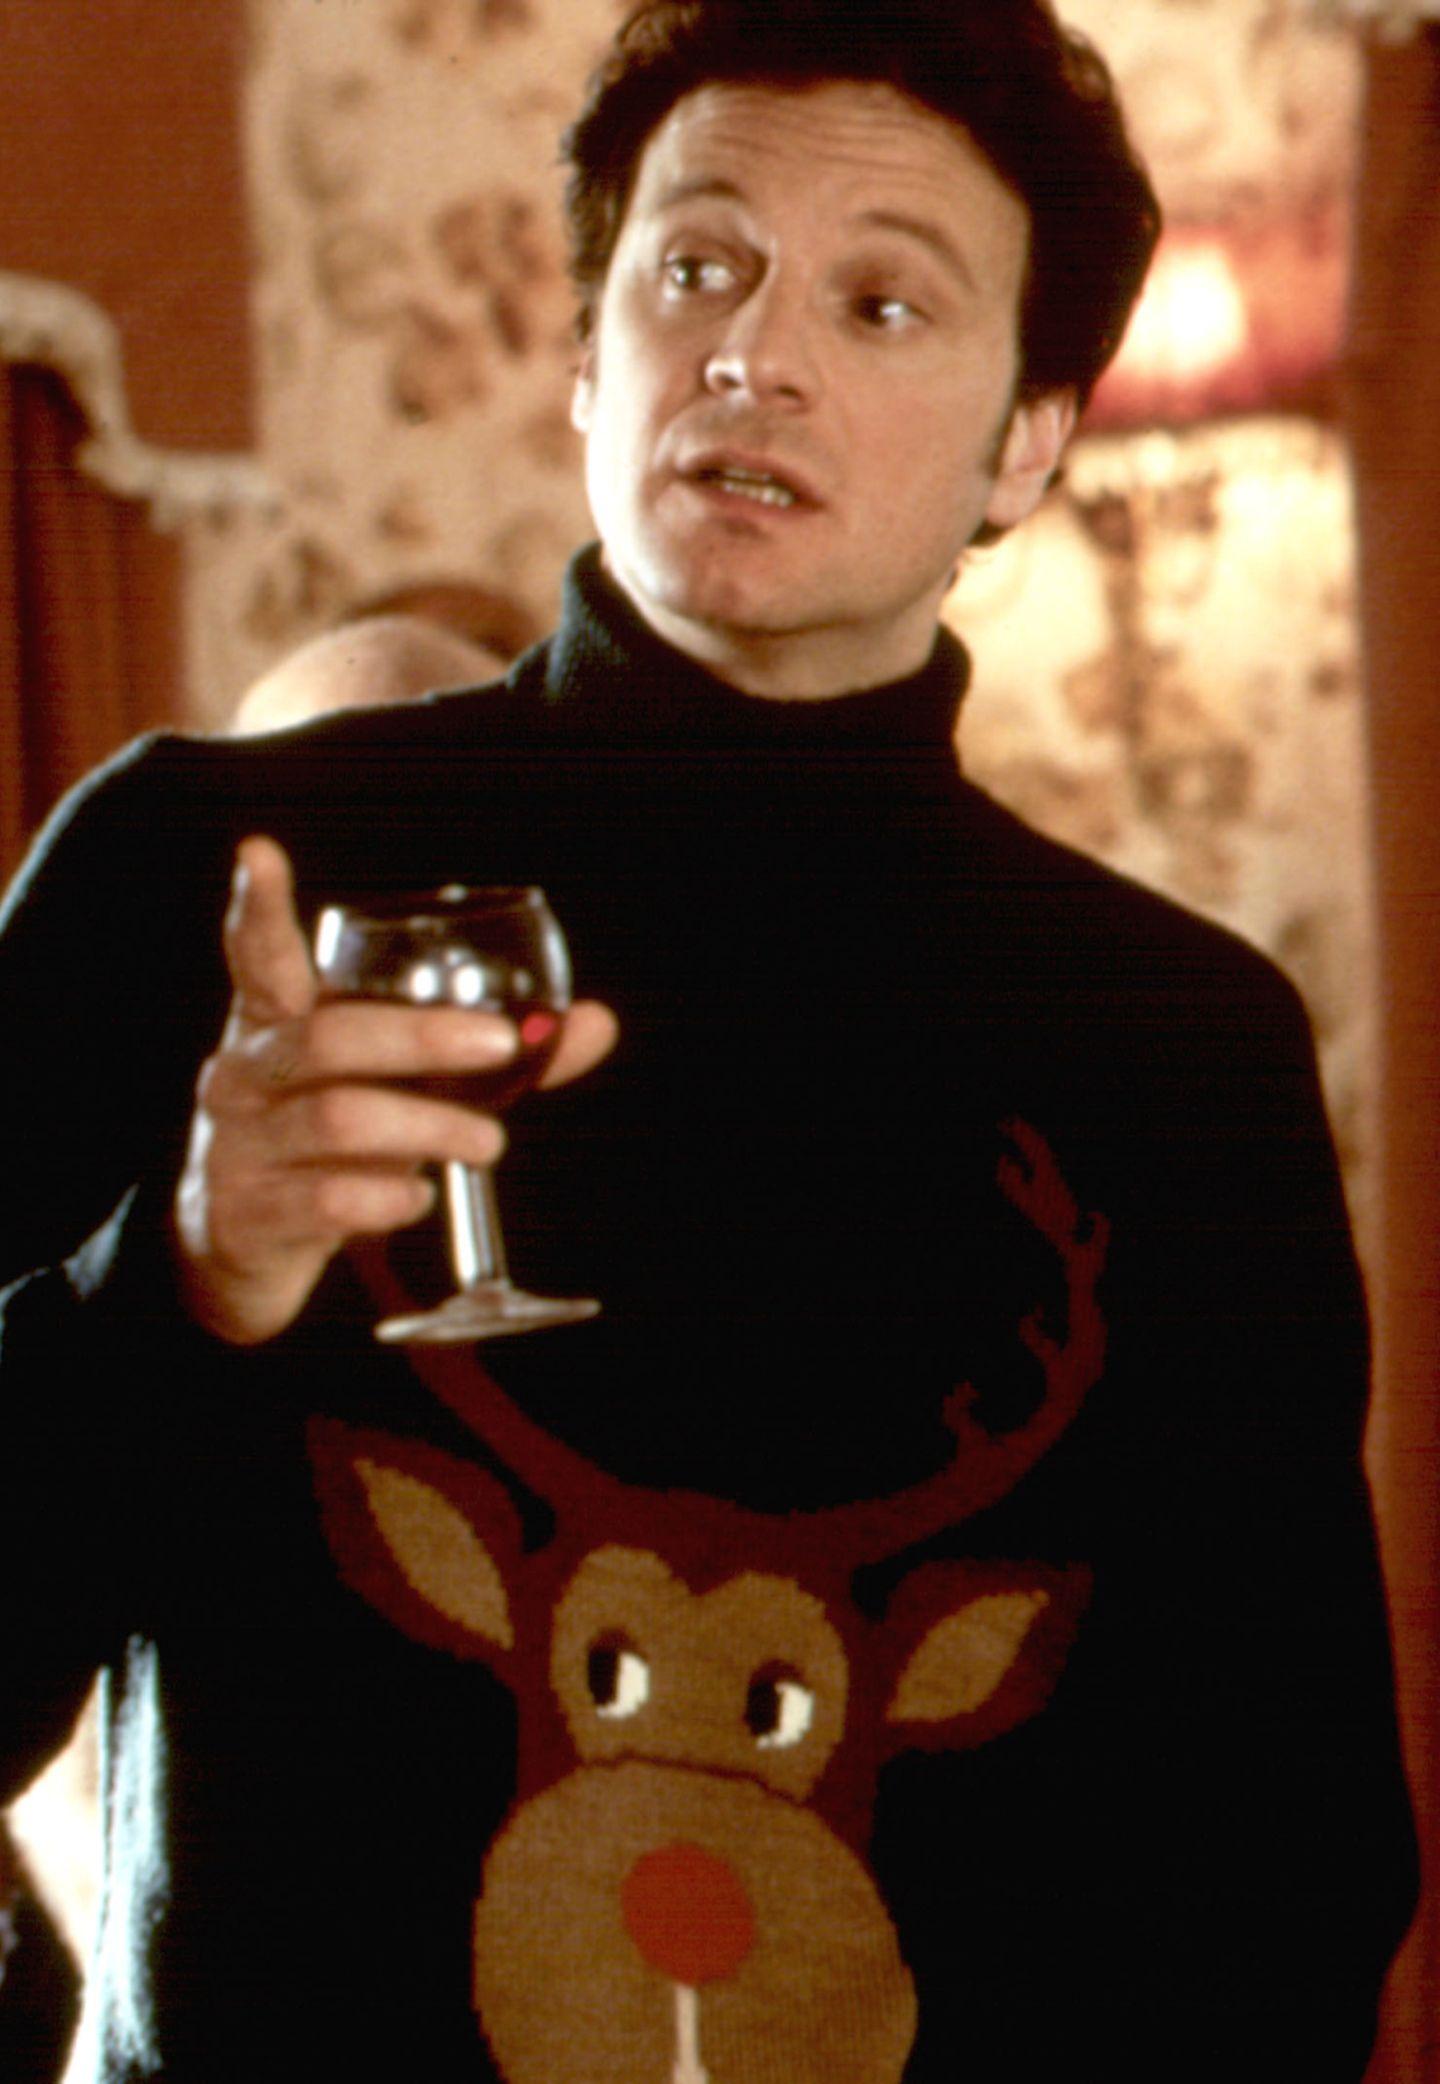 """Mit diesem Rollkragenpullover geht Colin Firth in die Filmgeschichte der Liebeskomödien ein. Als er ihn in """"Bridget Jones"""" trägt, wird die gleichnamige Hauptfigur dank des gigantischen Rentieres auf ihn aufmerksam und bringt die zwei später zusammen."""